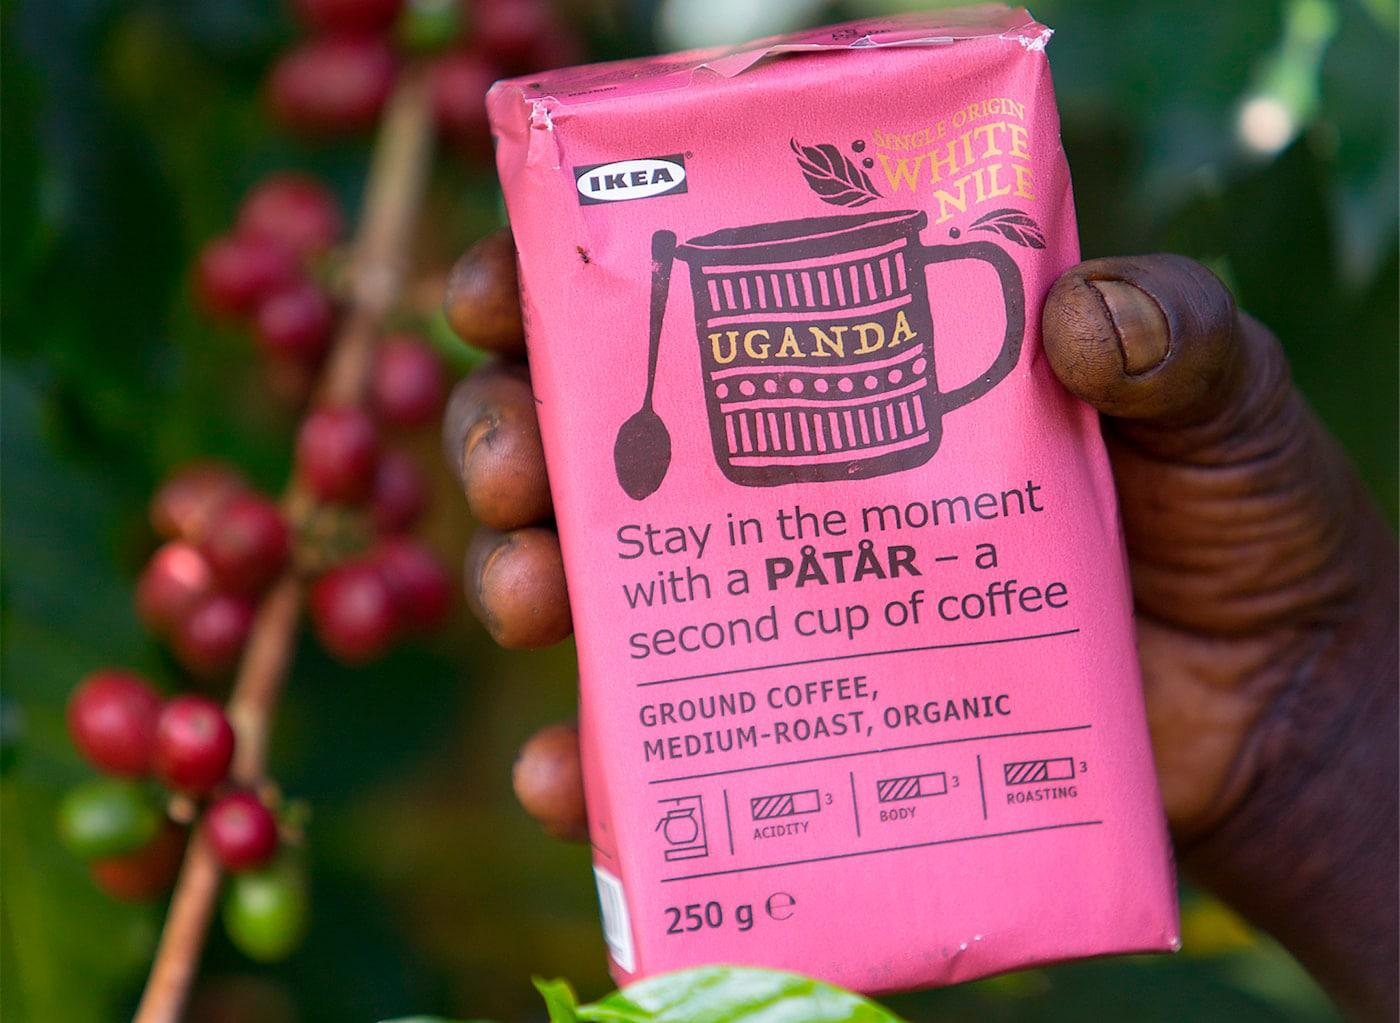 Un paquete rosa del café PÅTÅR edición especial 100% arábica en la mano de un productor de café.